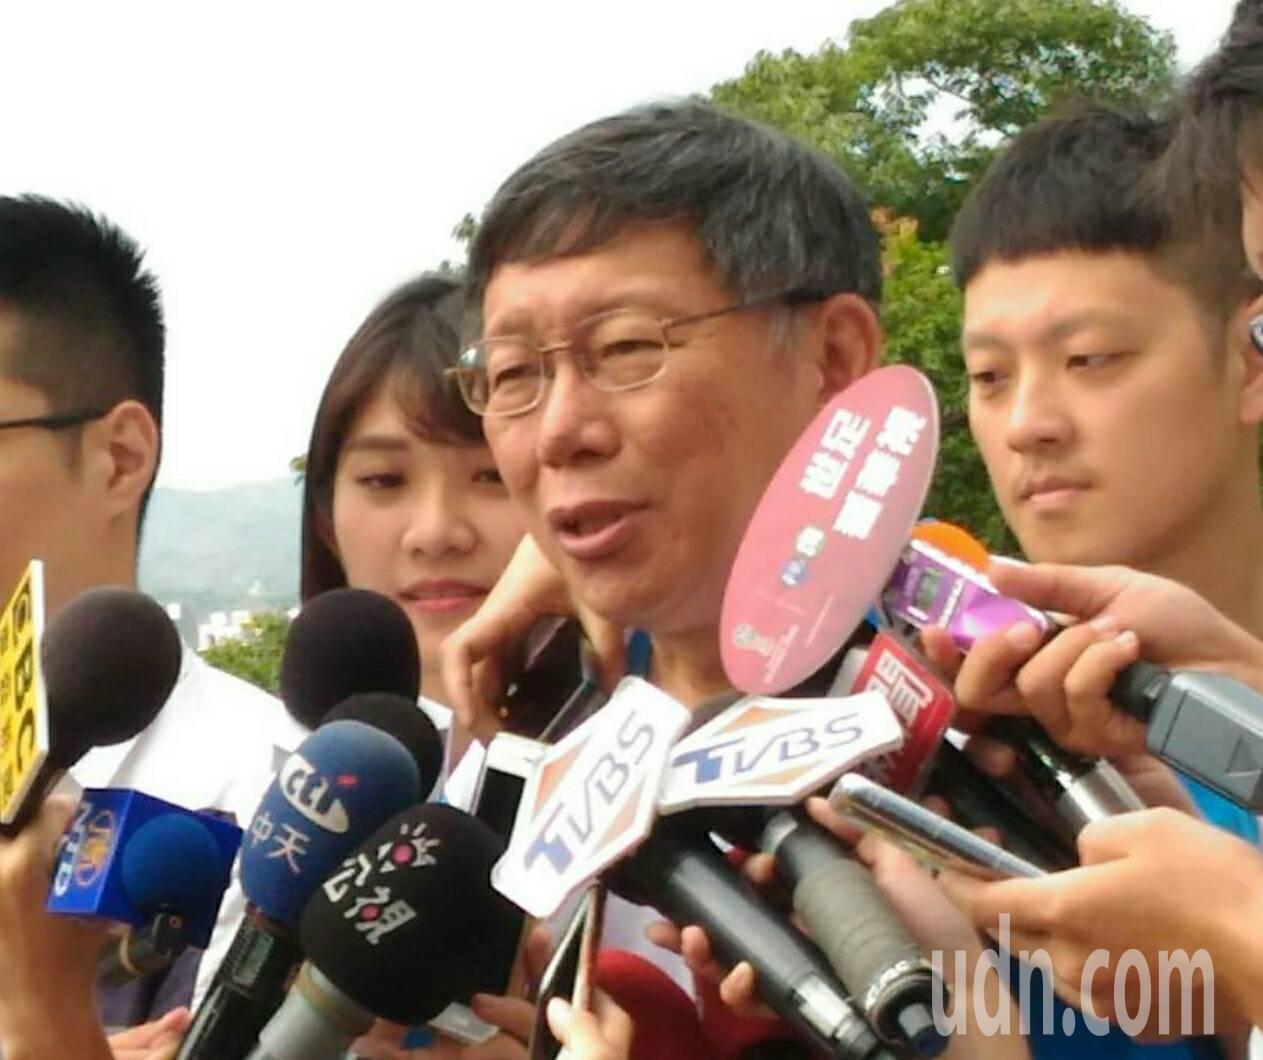 台北市長柯文哲反駁遠雄送件審大巨蛋是為選舉。記者莊琇閔/攝影